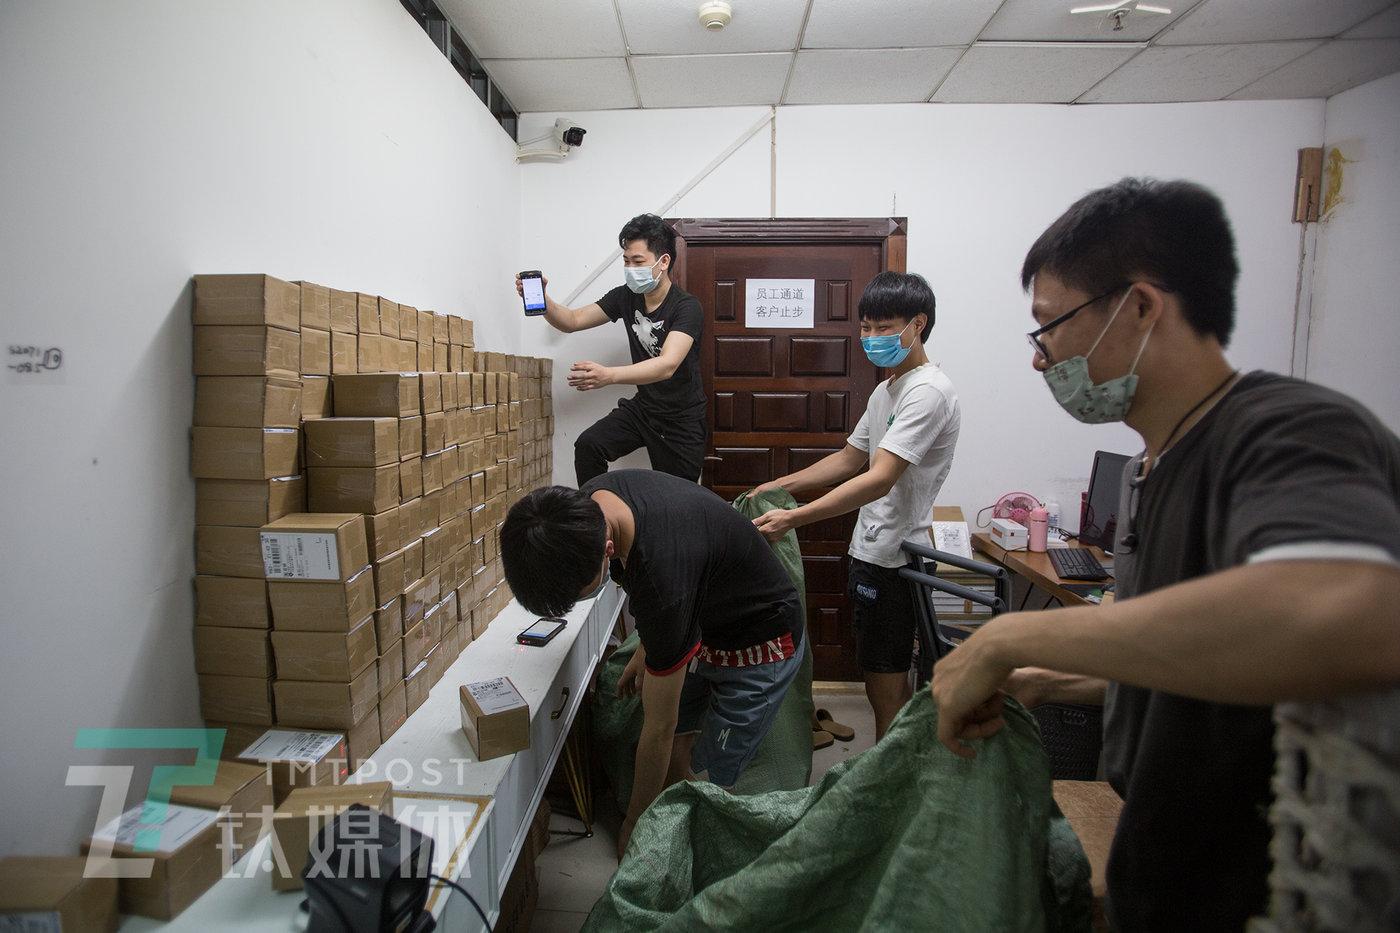 6月8日晚,快递员在蜜丝诺儿取件。